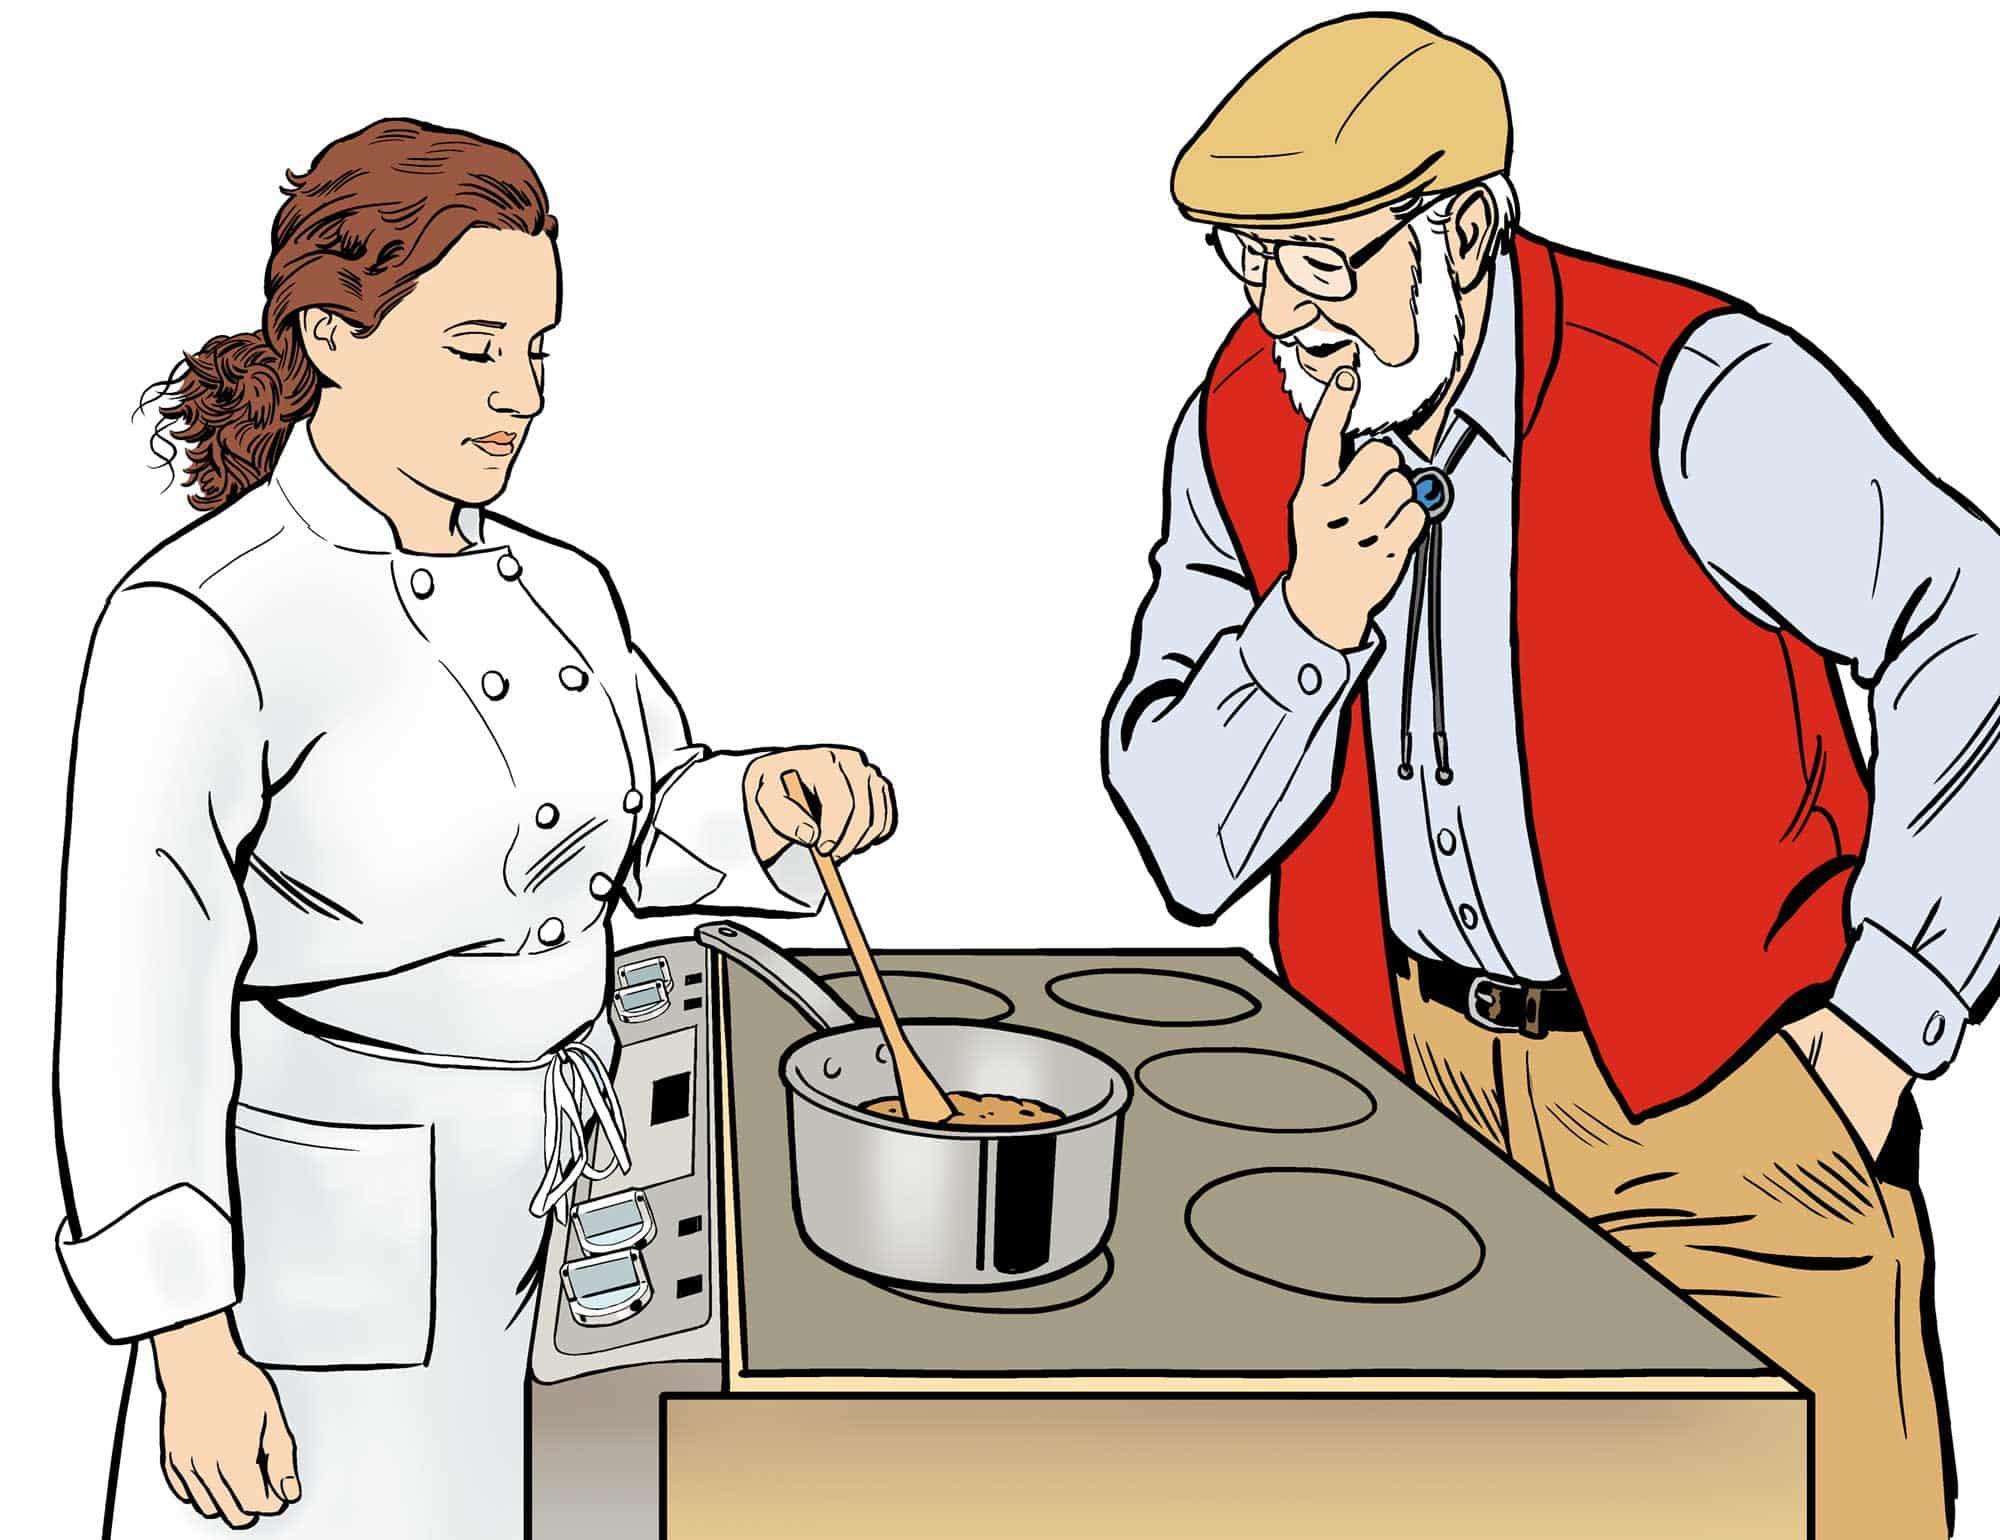 KH3708B-chefs-kitchen-lab